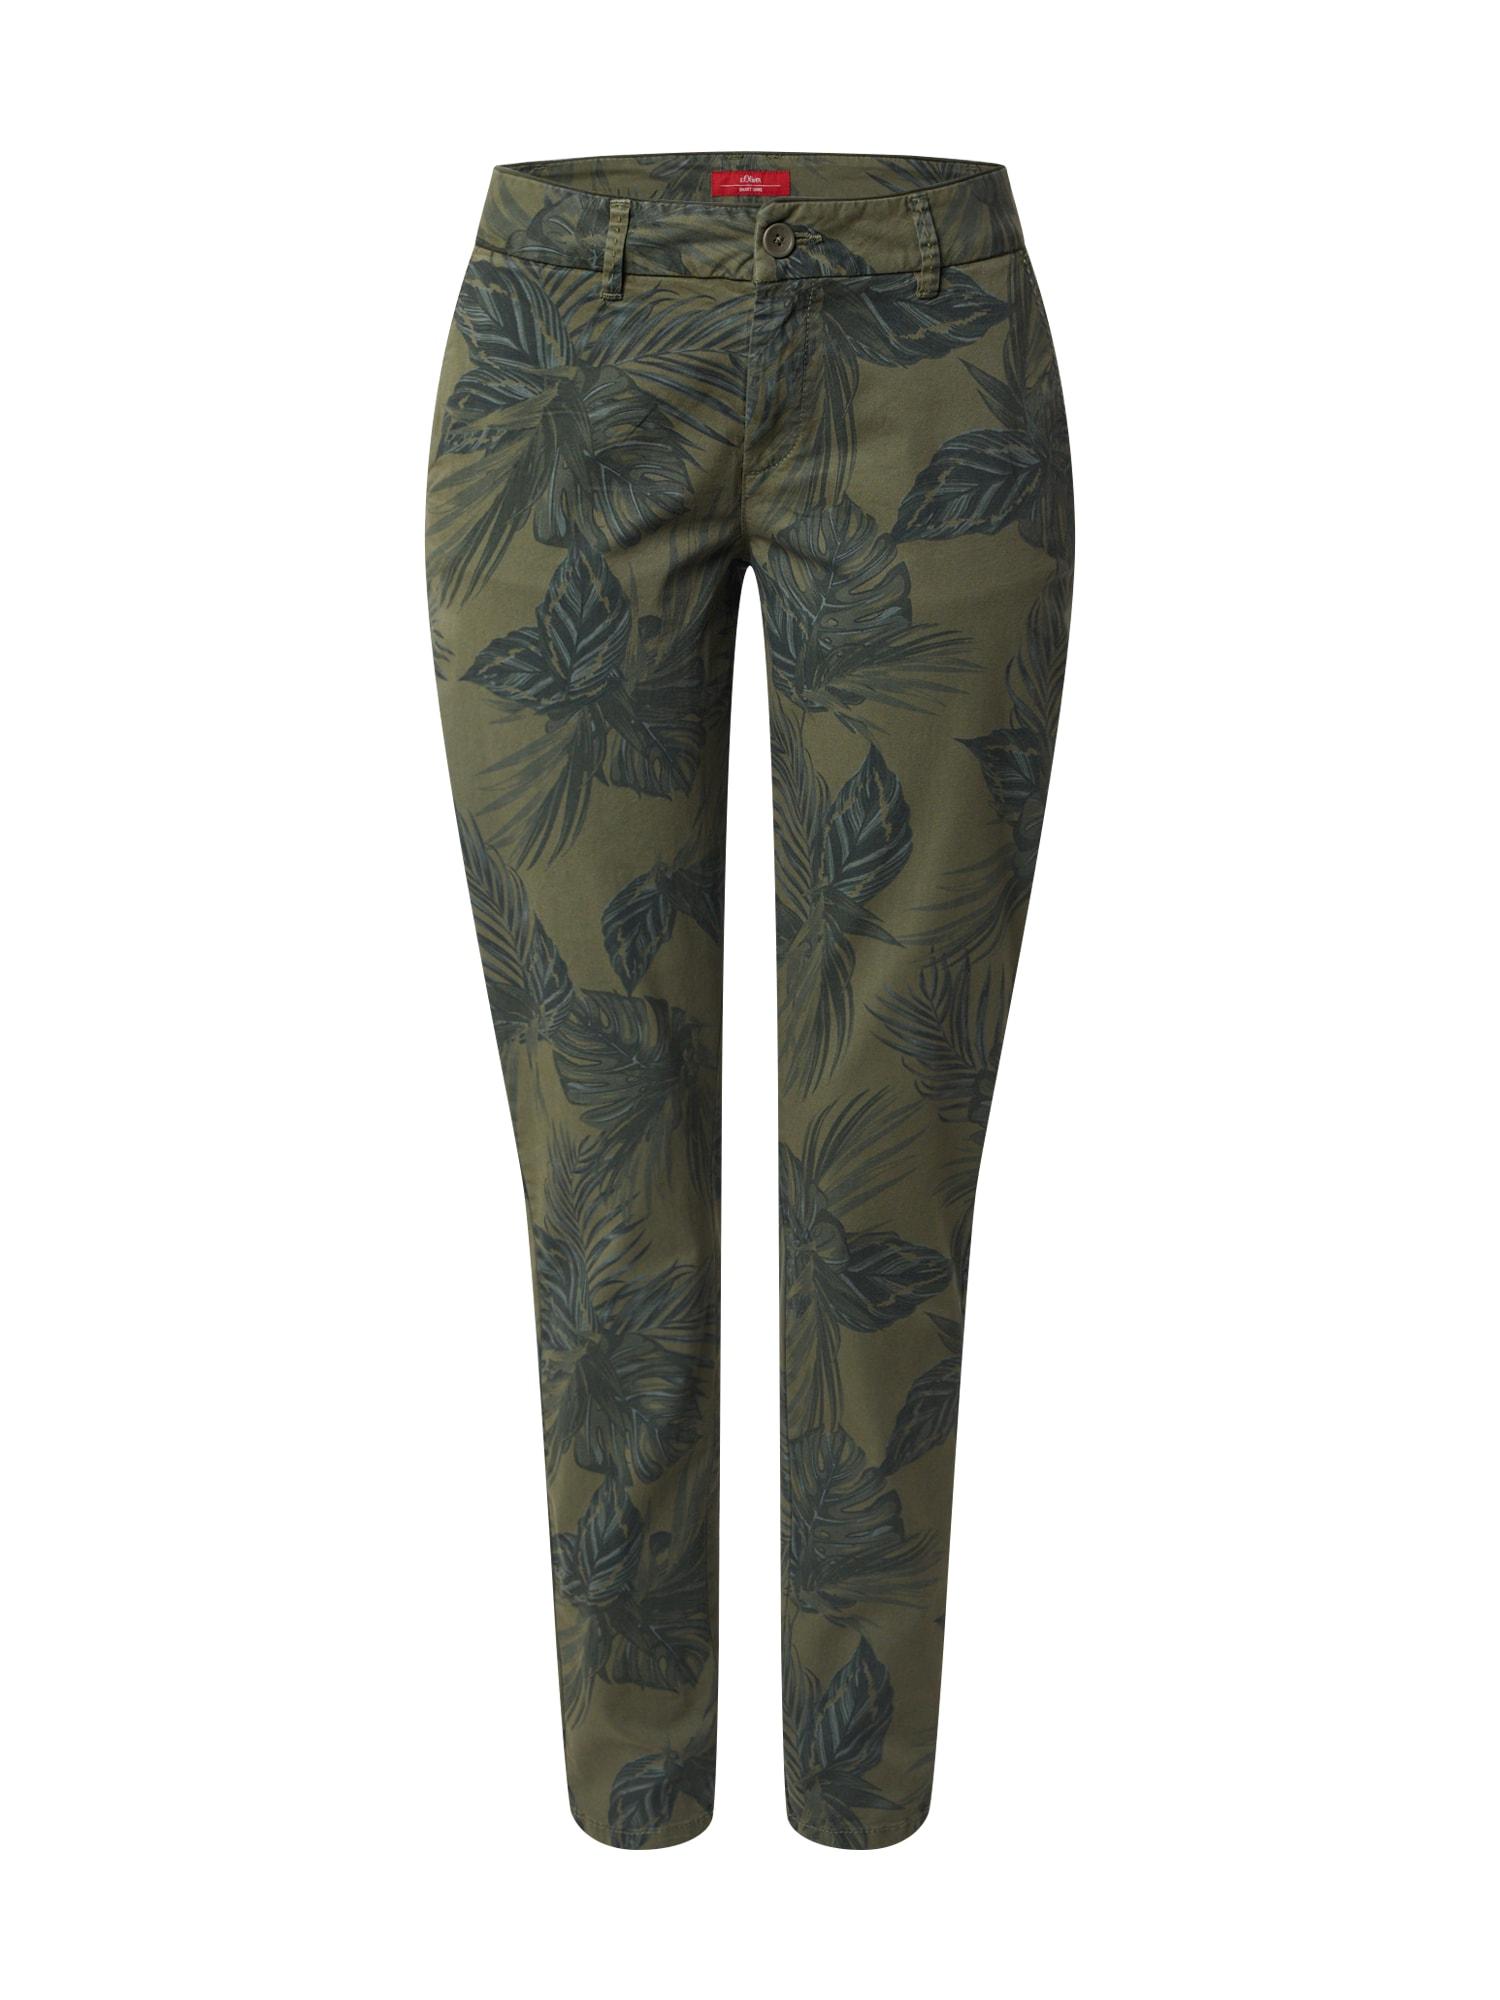 s.Oliver Chino kalhoty  olivová / námořnická modř